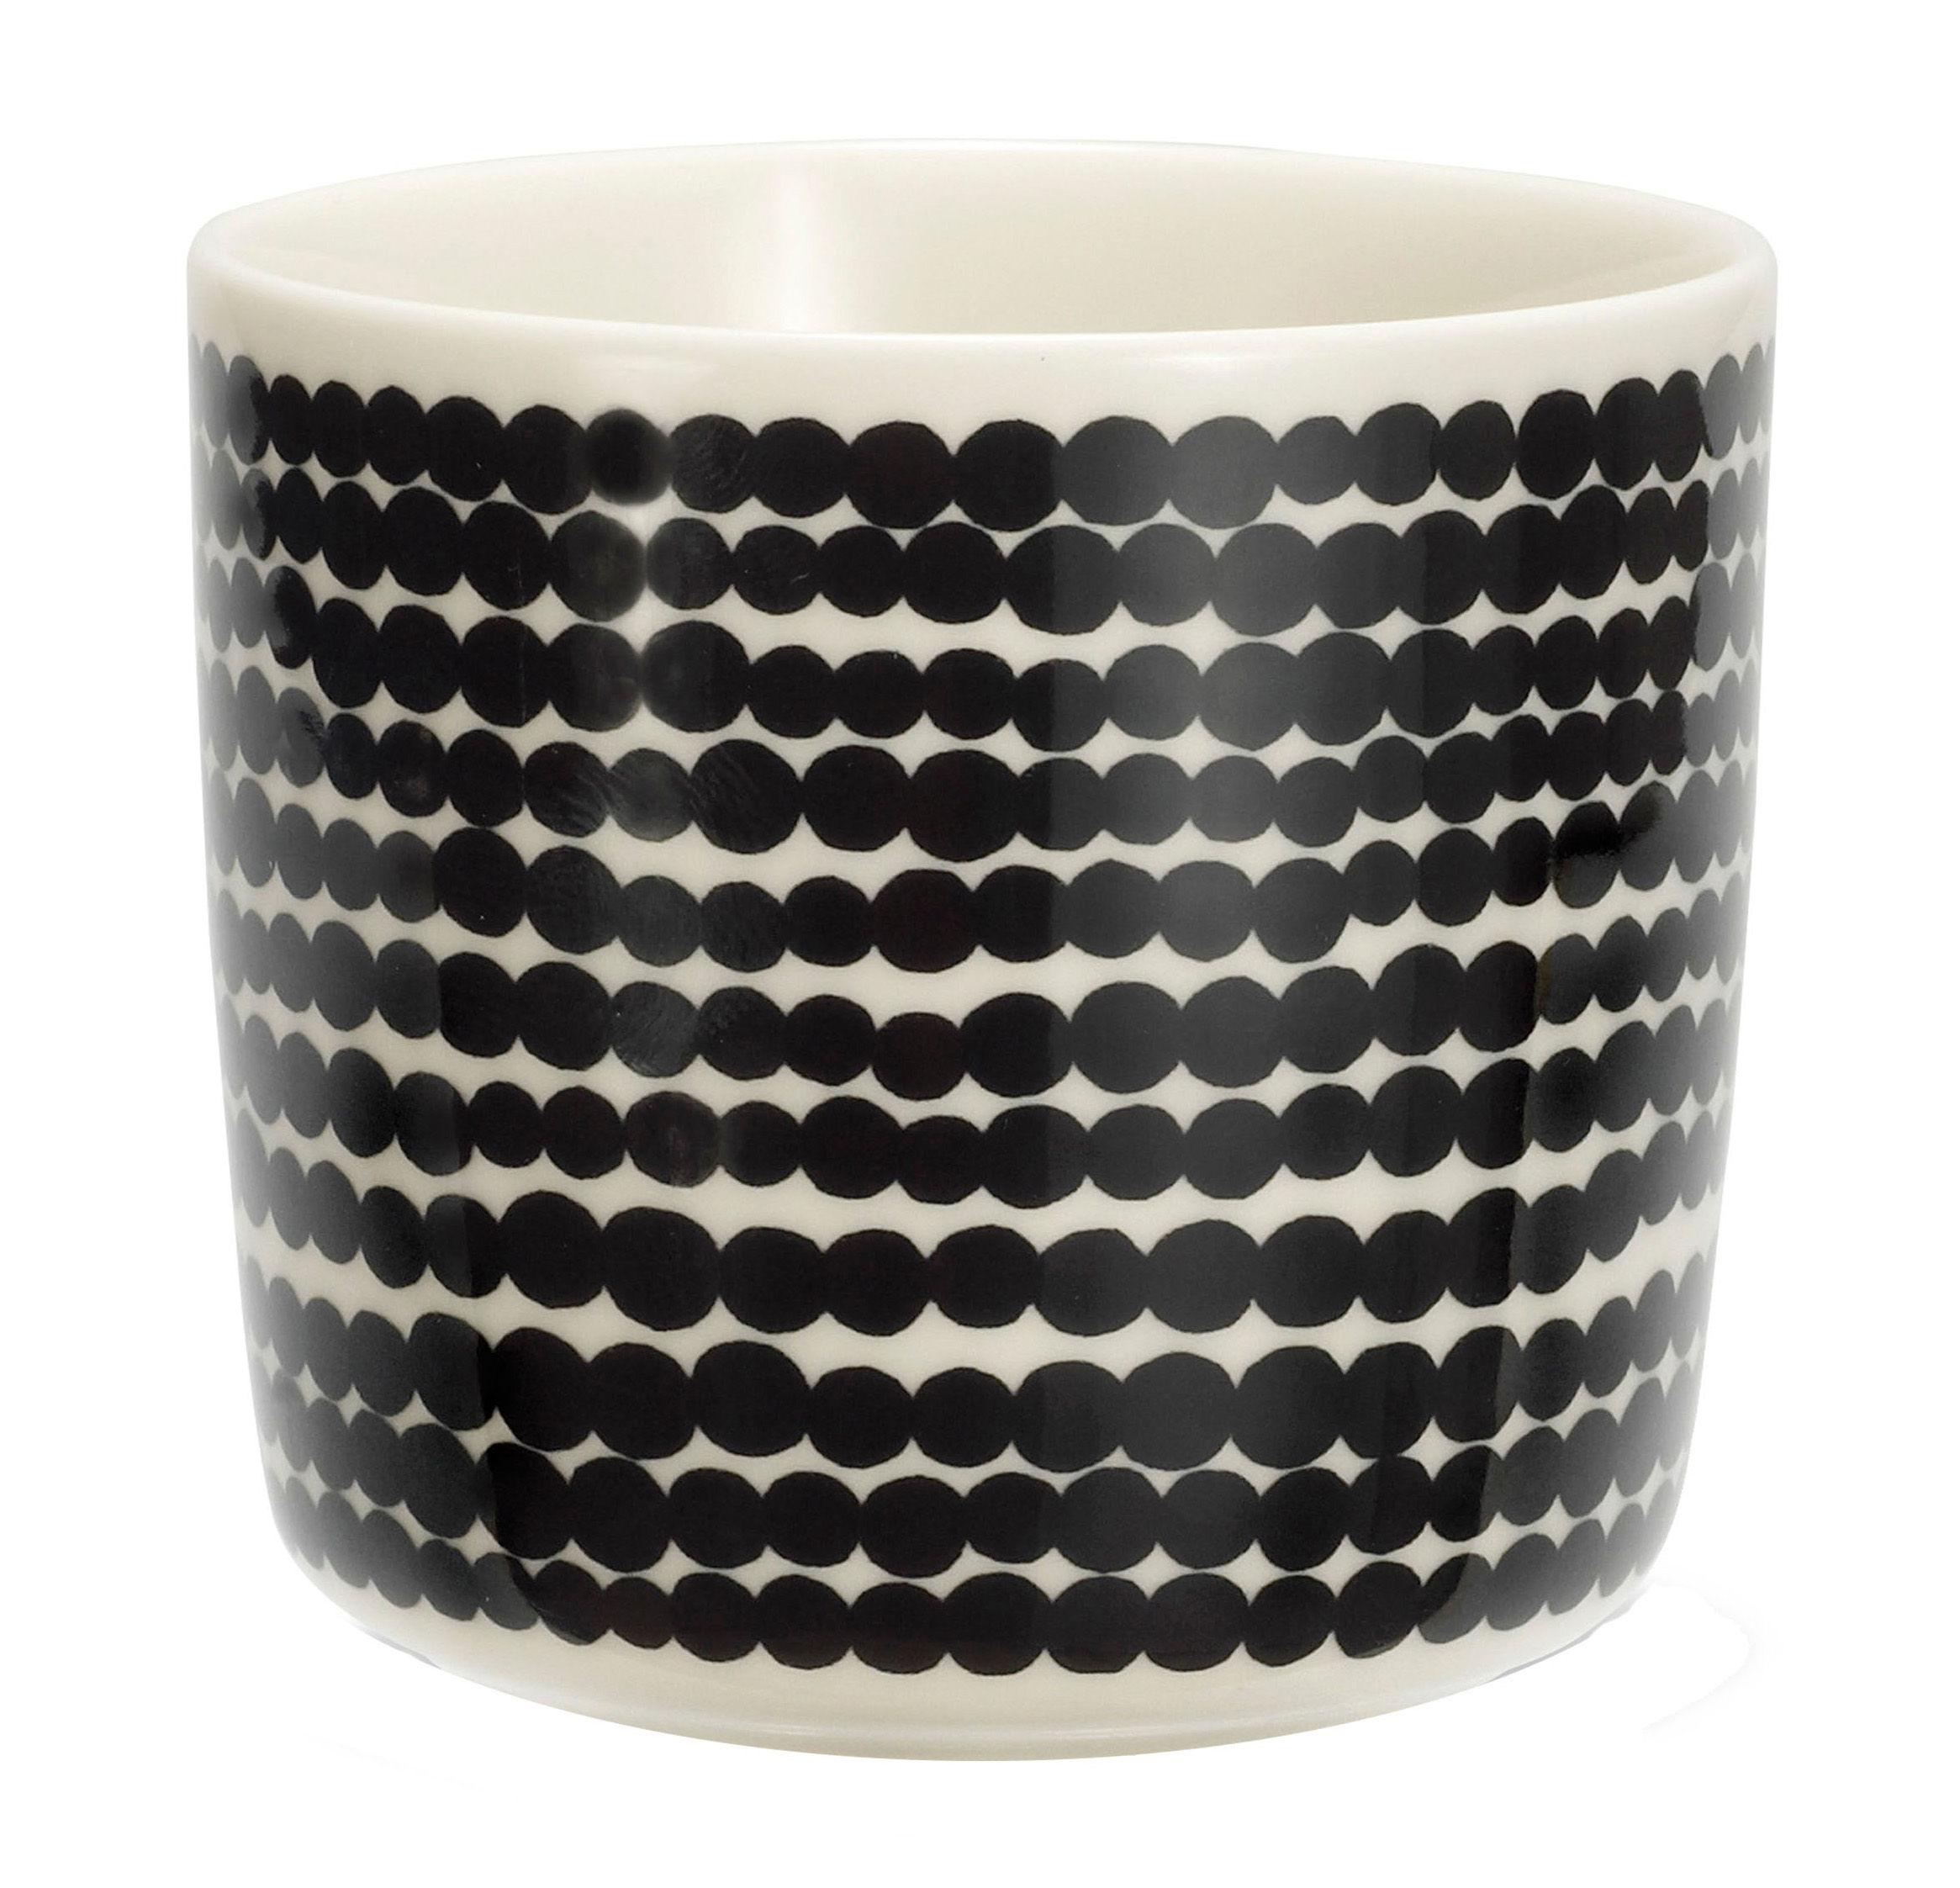 tasse caf siirtolapuutarha sans anse r symatto noir blanc marimekko. Black Bedroom Furniture Sets. Home Design Ideas